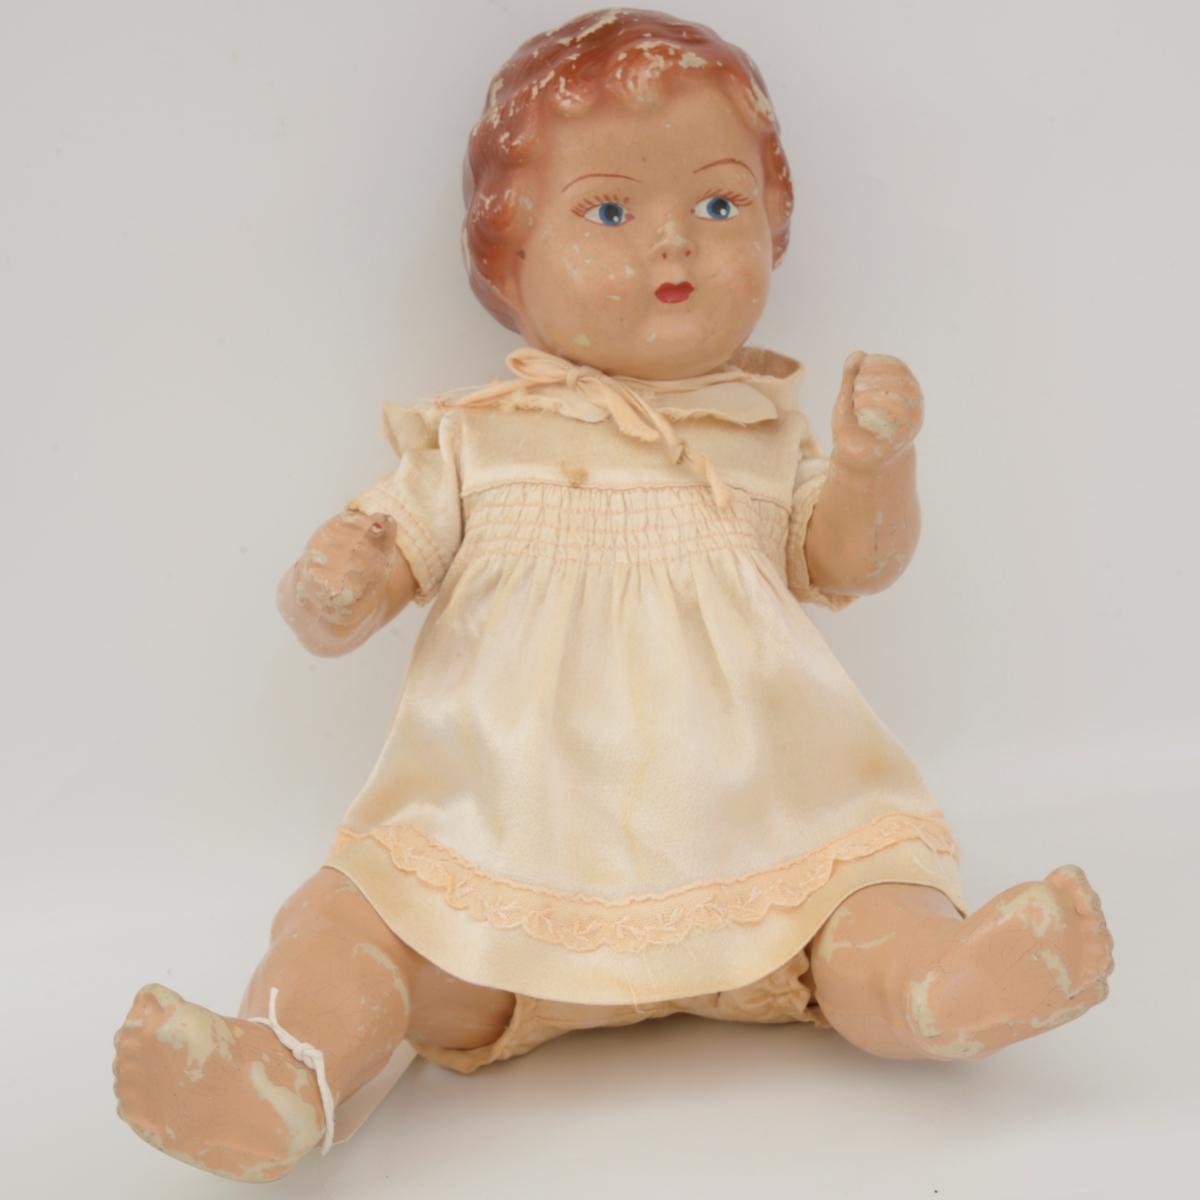 Støpt dukke med løst hode, armer og ben. Er fra den tidlige produksjonen, da de blandet pimpestein og Casco-lim med vann og helte i fomer. Ble så spraymalt med kropps- og hårfarge. Håndmalt ansikt. Ble solgt uten klær.  Dukkeklær hjemmesydd: kjole, kyse og truse i tykk silke, trøye i tynn silke m/blonde.